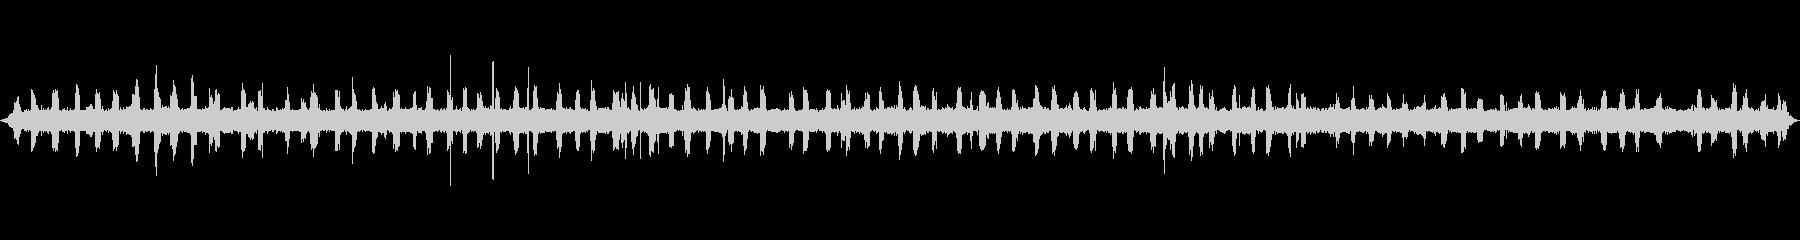 【自然音】野鳥01A#2(富士宮)の未再生の波形